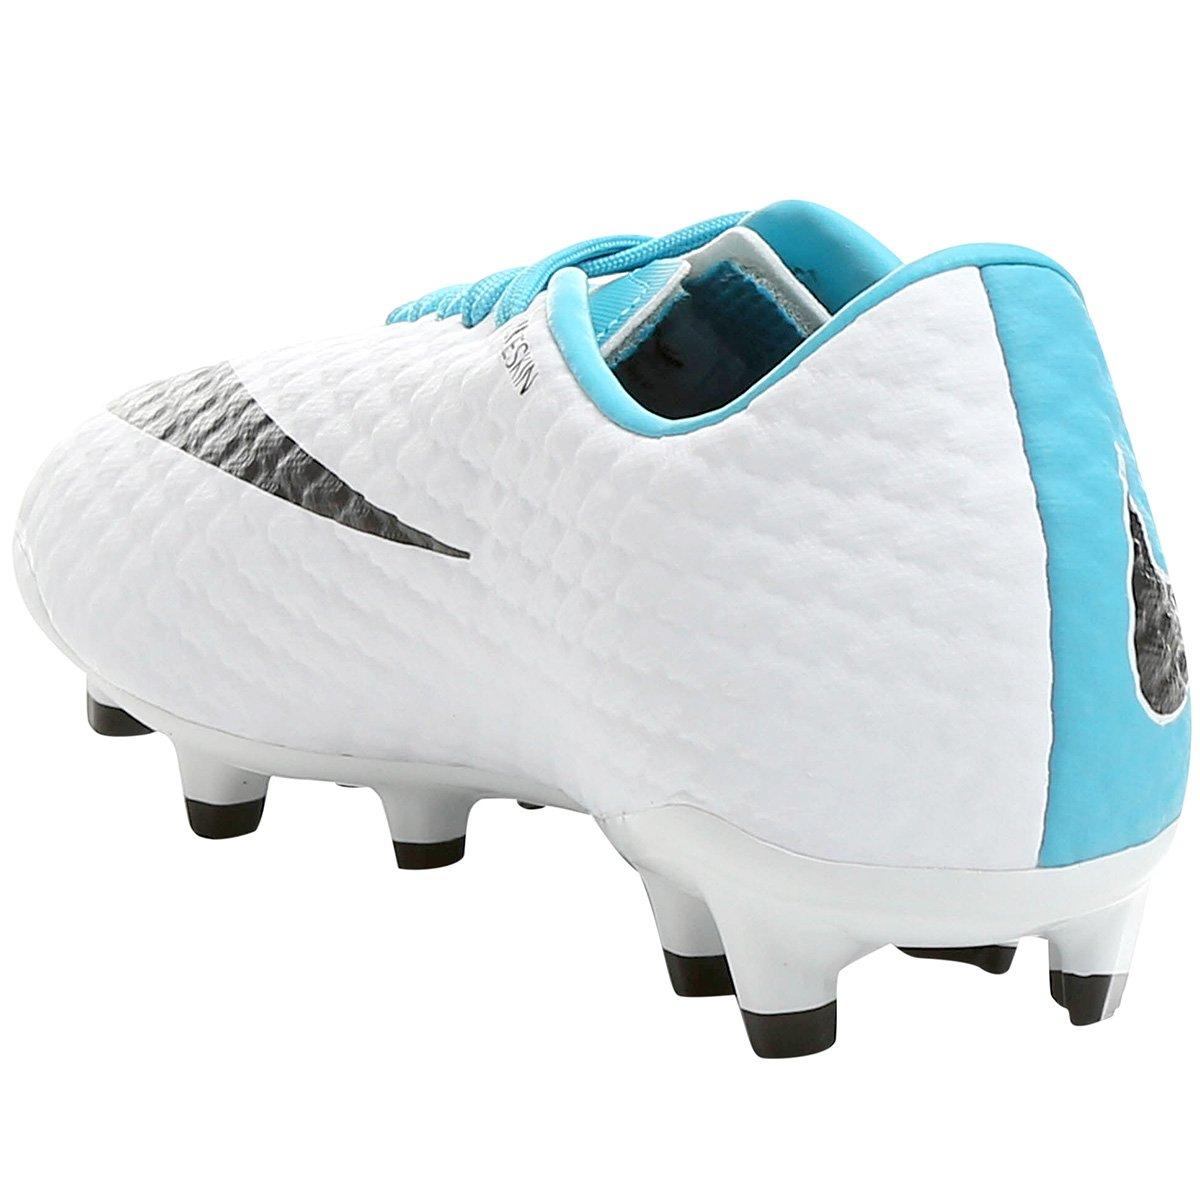 Chuteira Campo Nike Hypervenom Phelon 3 FG - Branco e Azul - Compre ... 2de8382897114